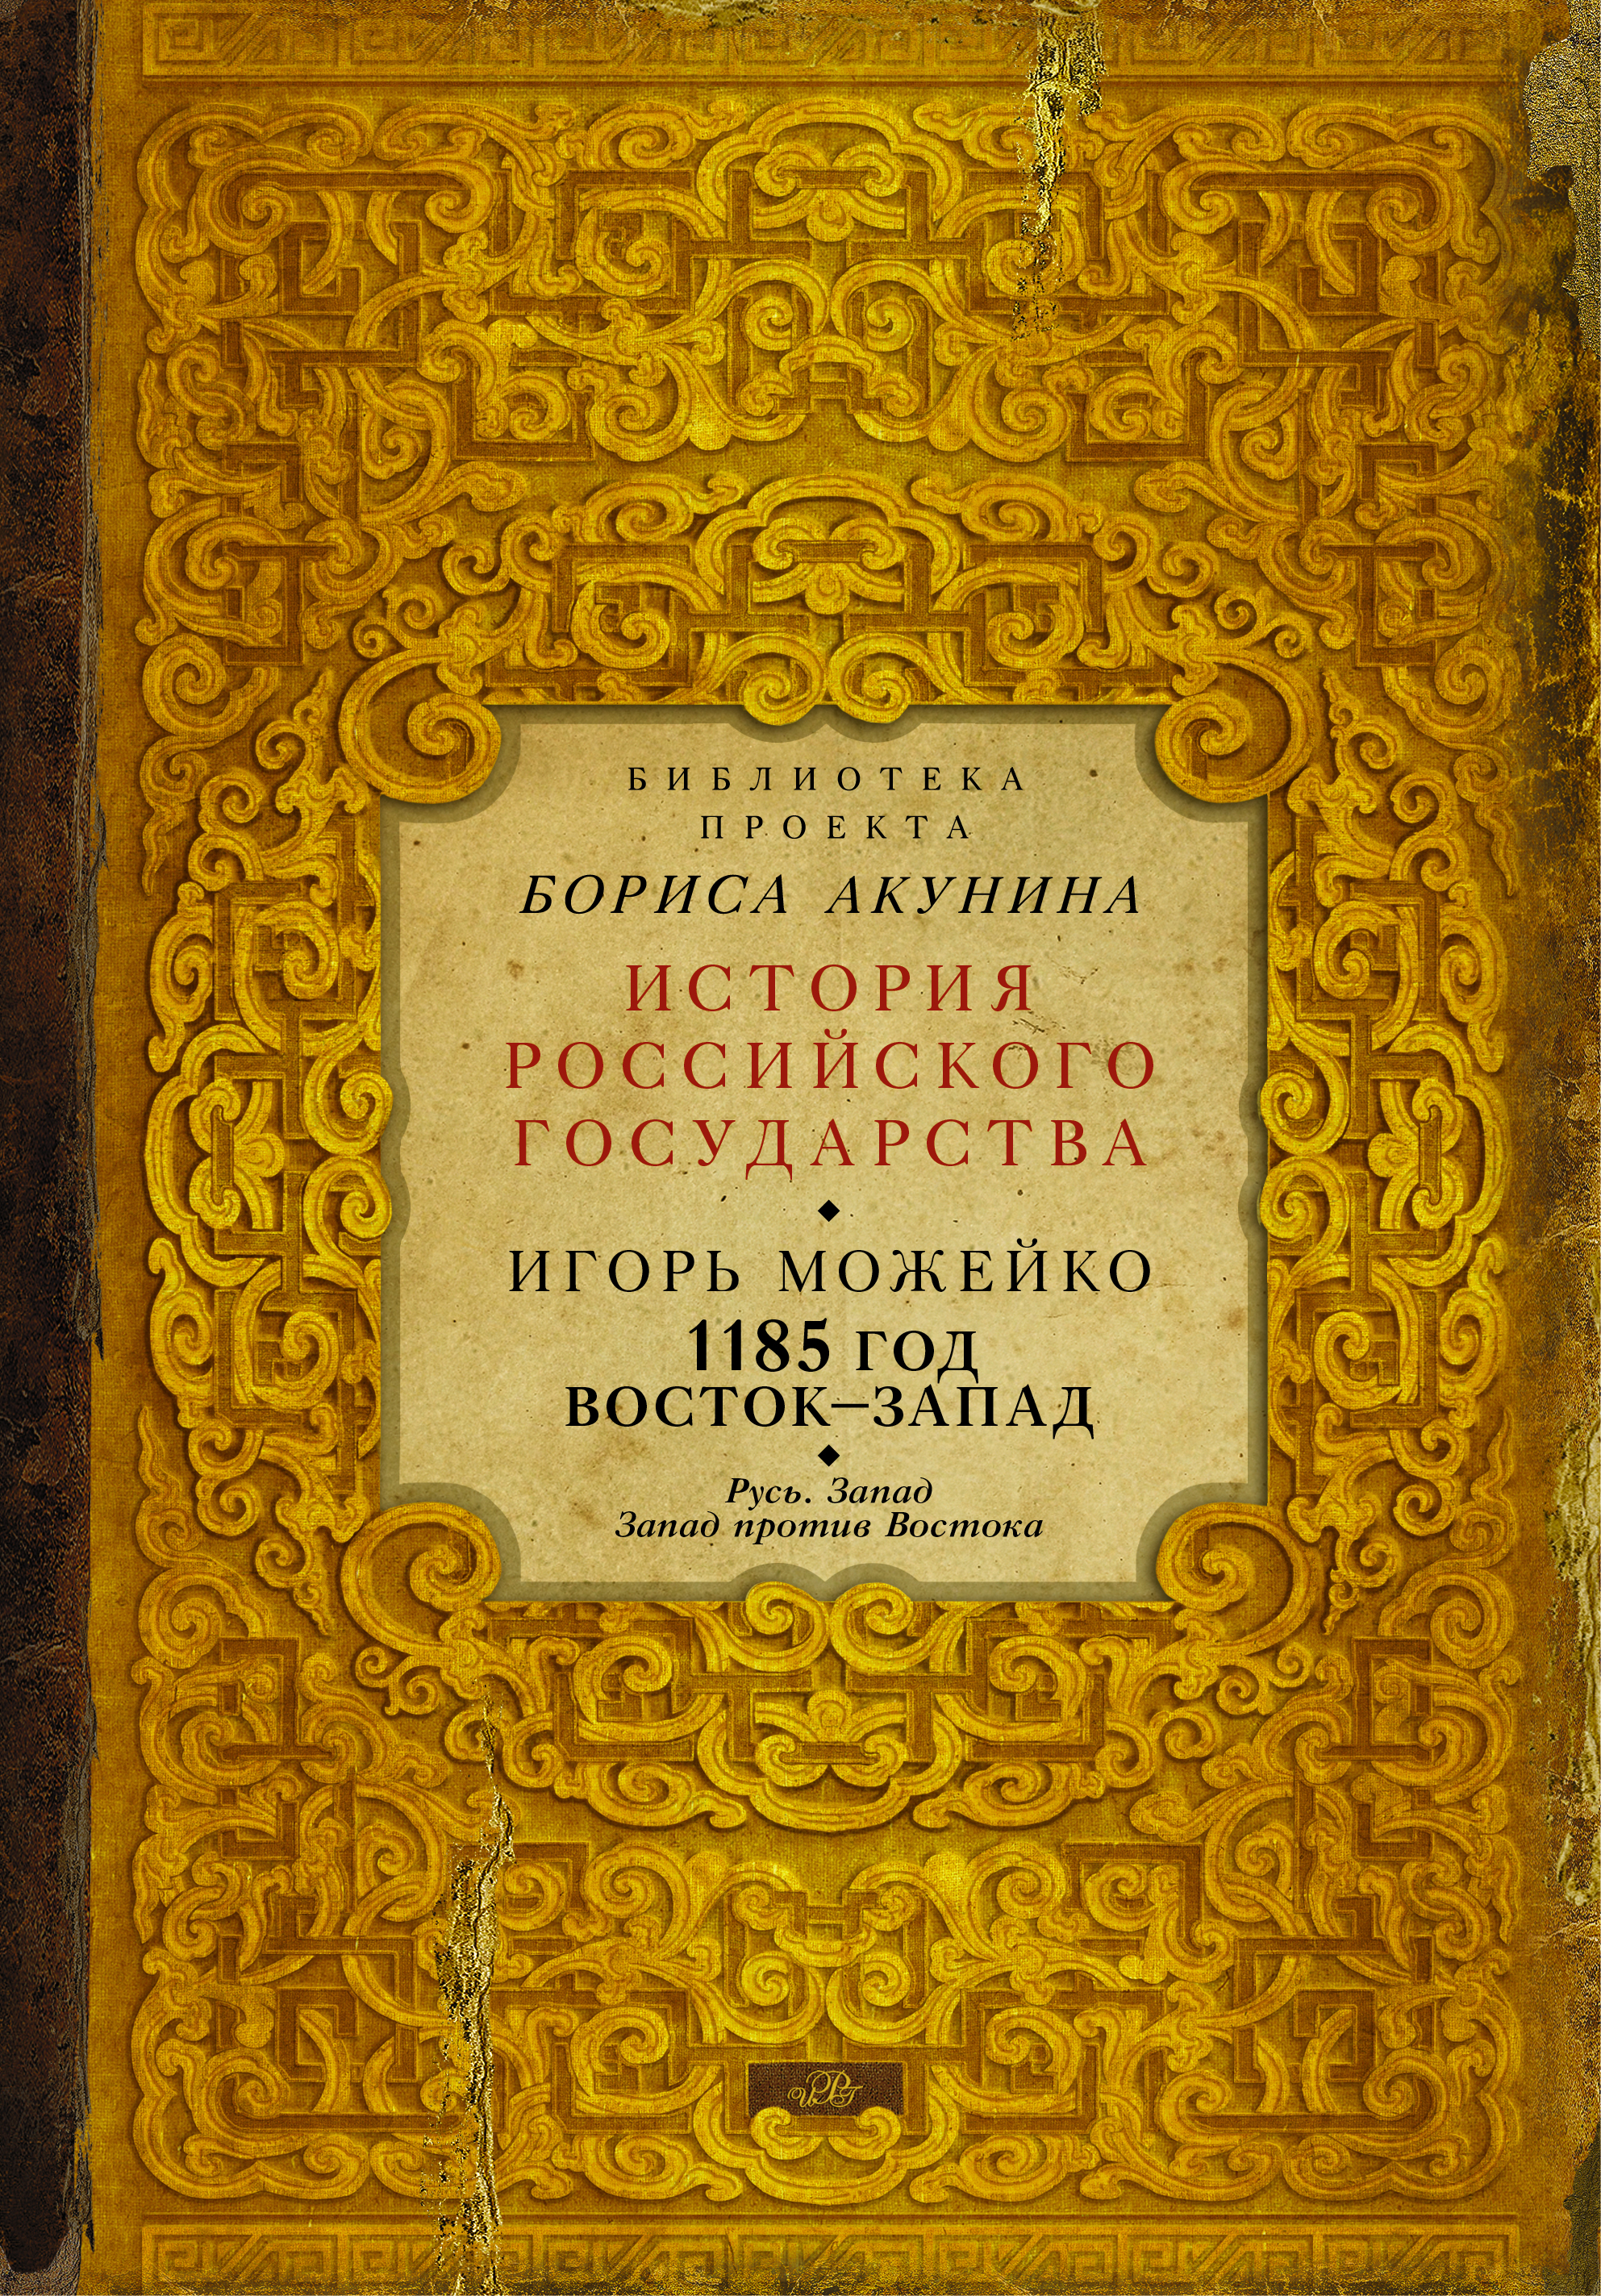 Игорь Можейко 1185 год: Русь. Запад. Запад против Востока